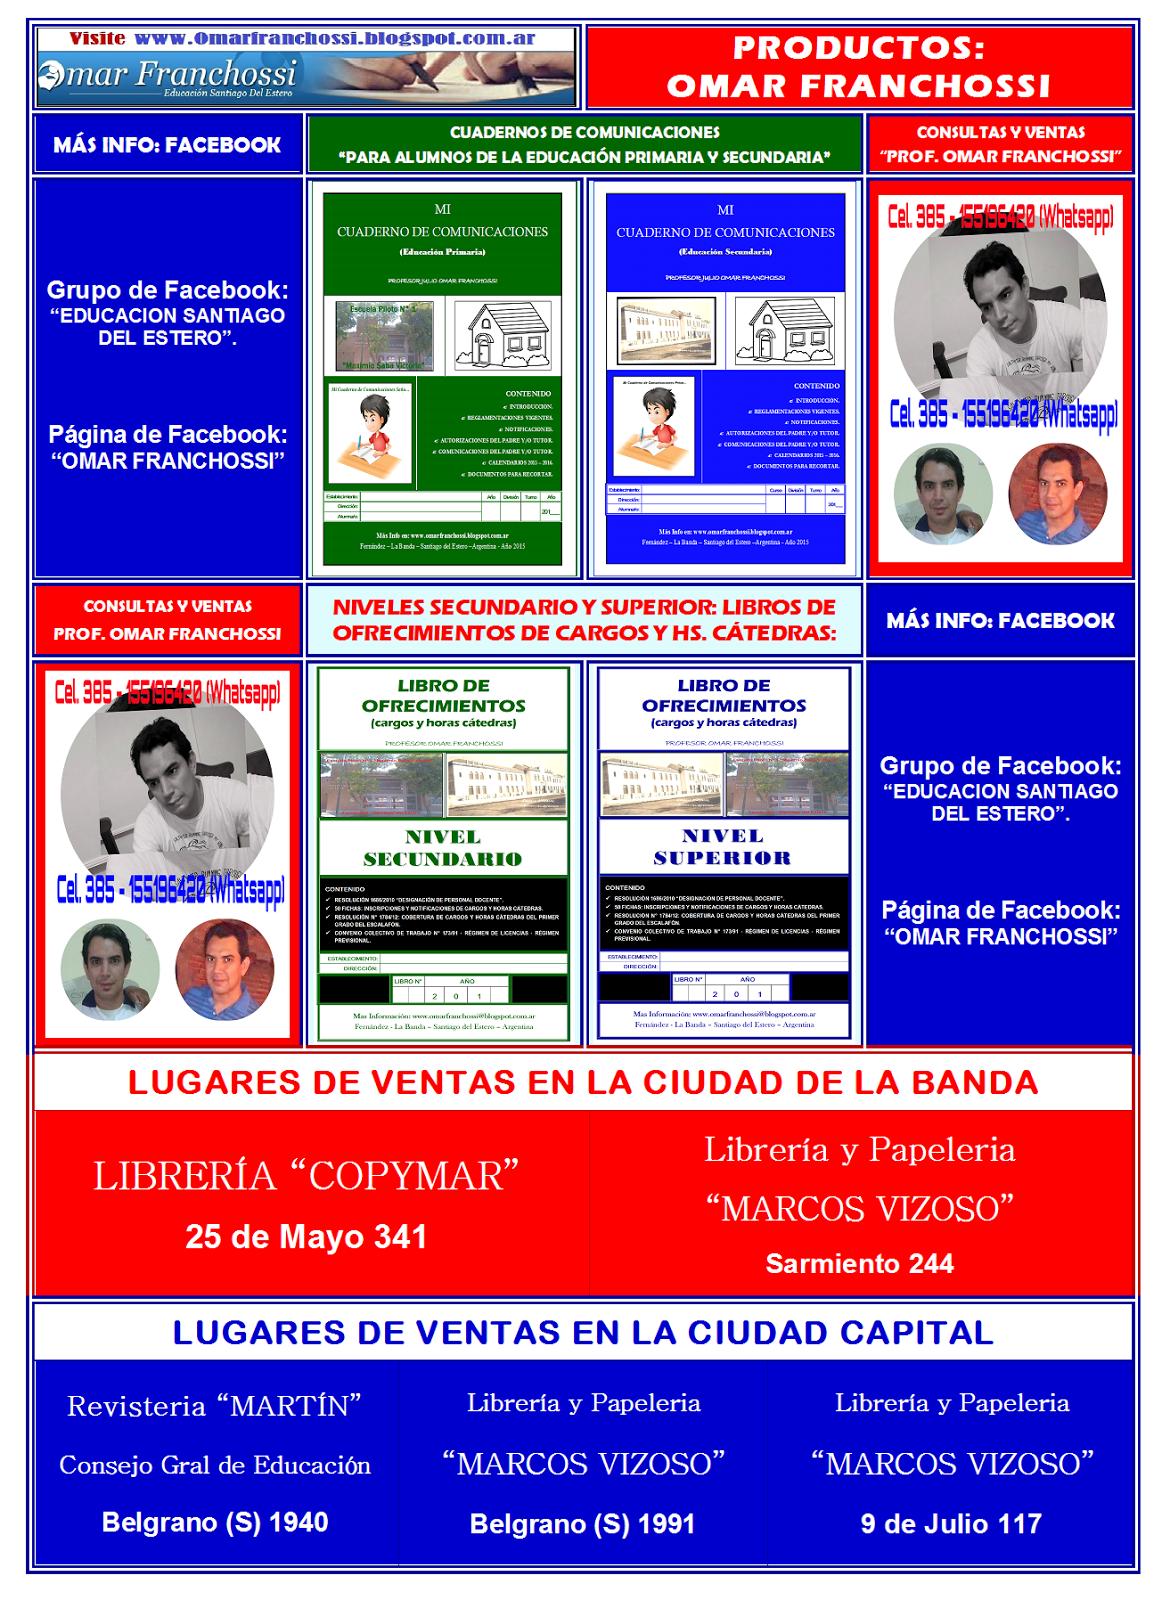 CUADERNOS DE COMUNICACIONES Y LIBROS DE OFRECIMIENTOS